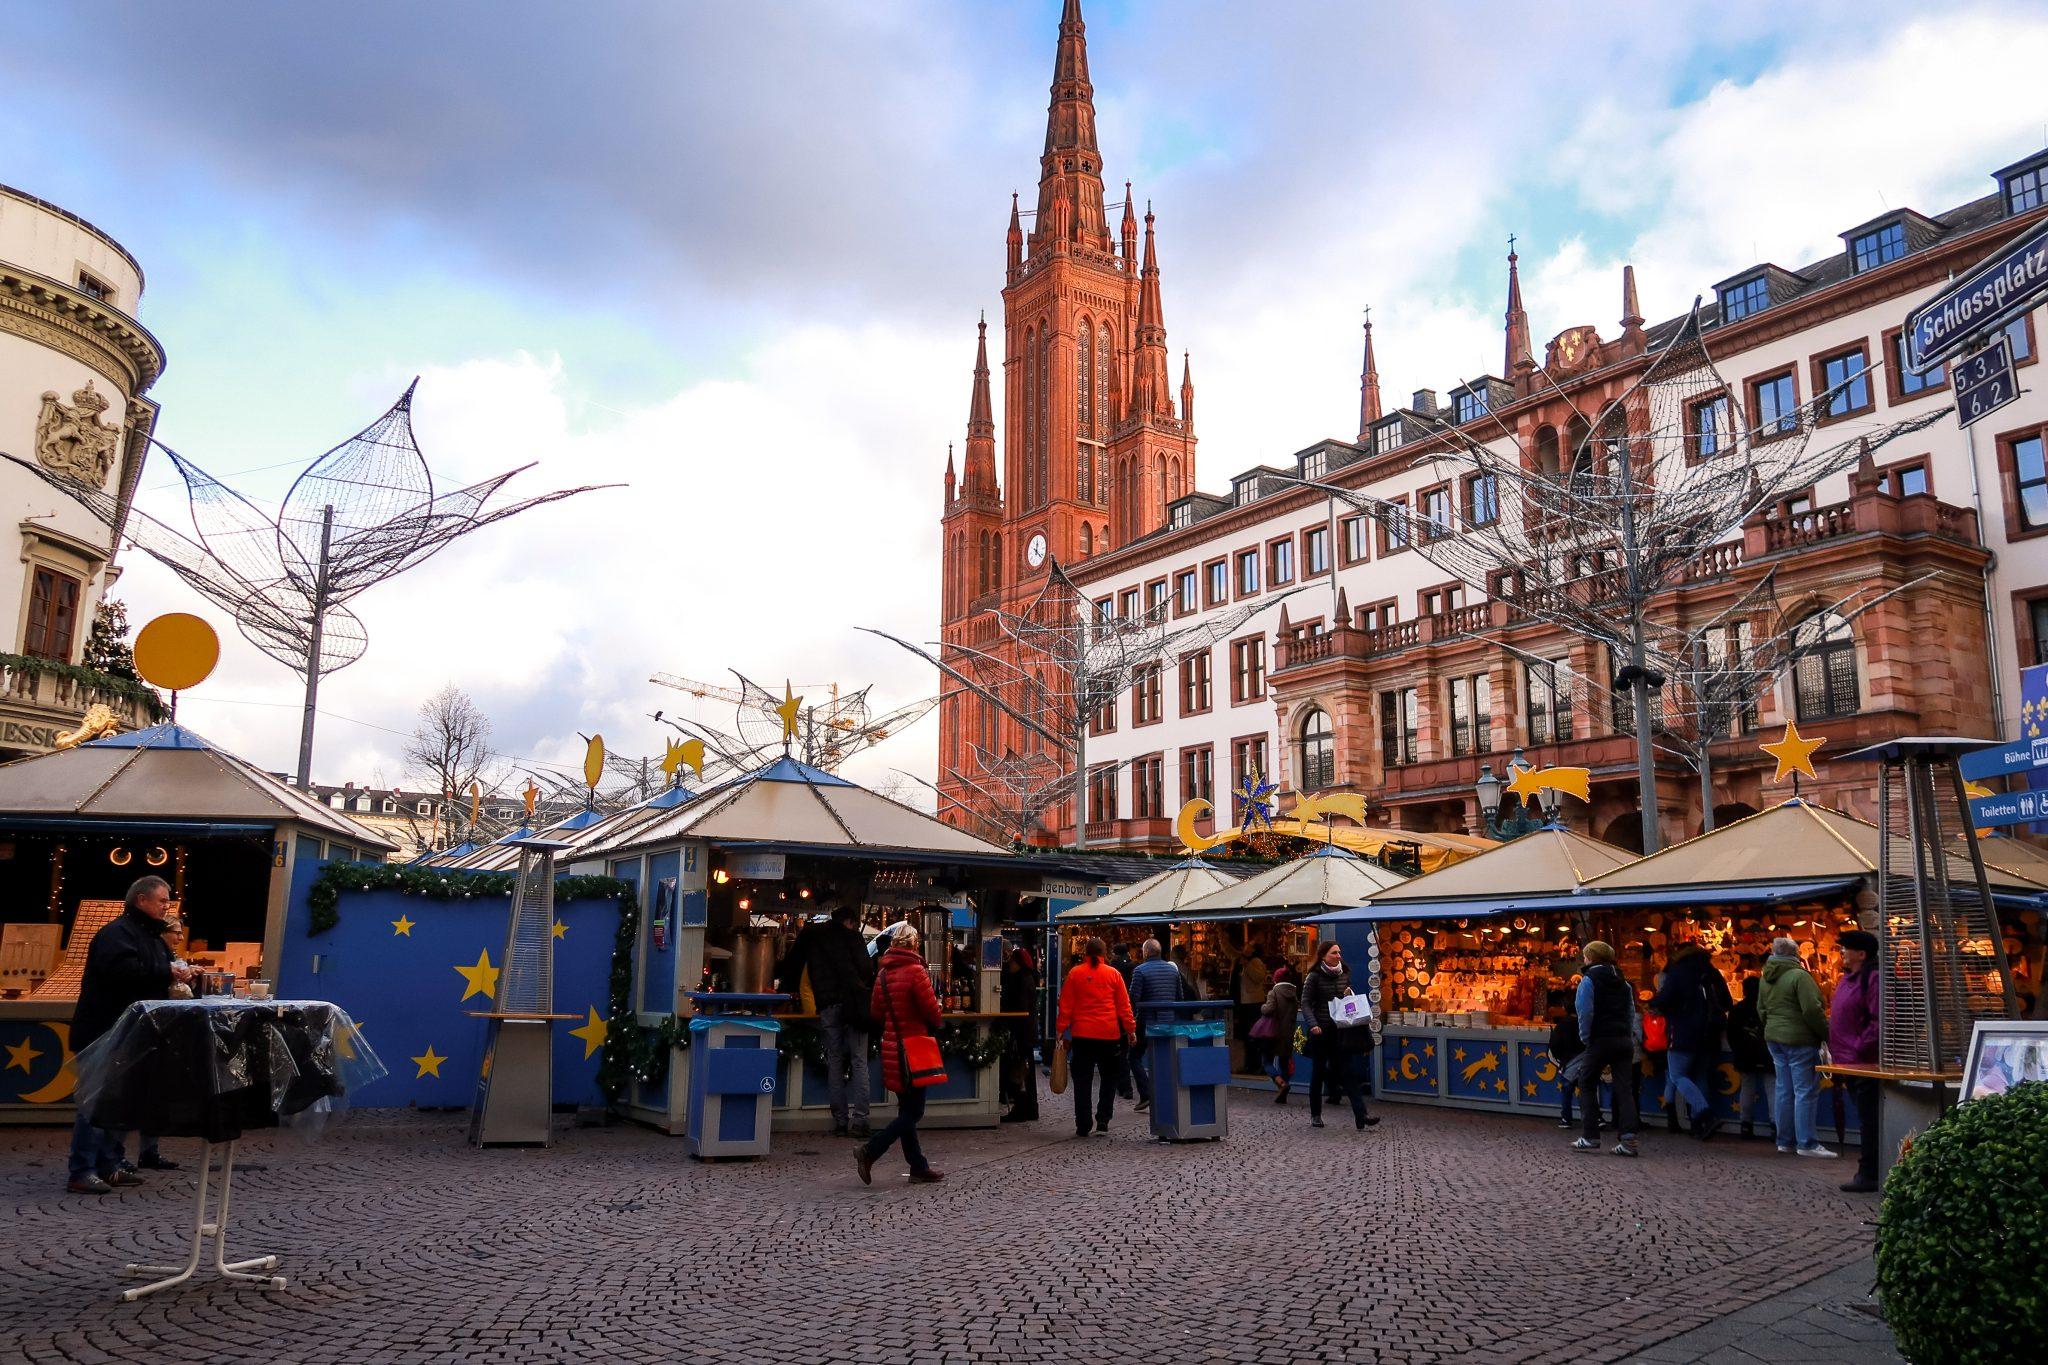 Wiesbaden, Sternschnuppenmarkt: Ich hoffe, dir hat der Blogpost gefallen und du wirst den Sternschnuppenmarkt besuchen. Lass es mich in den Kommentaren wissen, ich würde mich freuen.